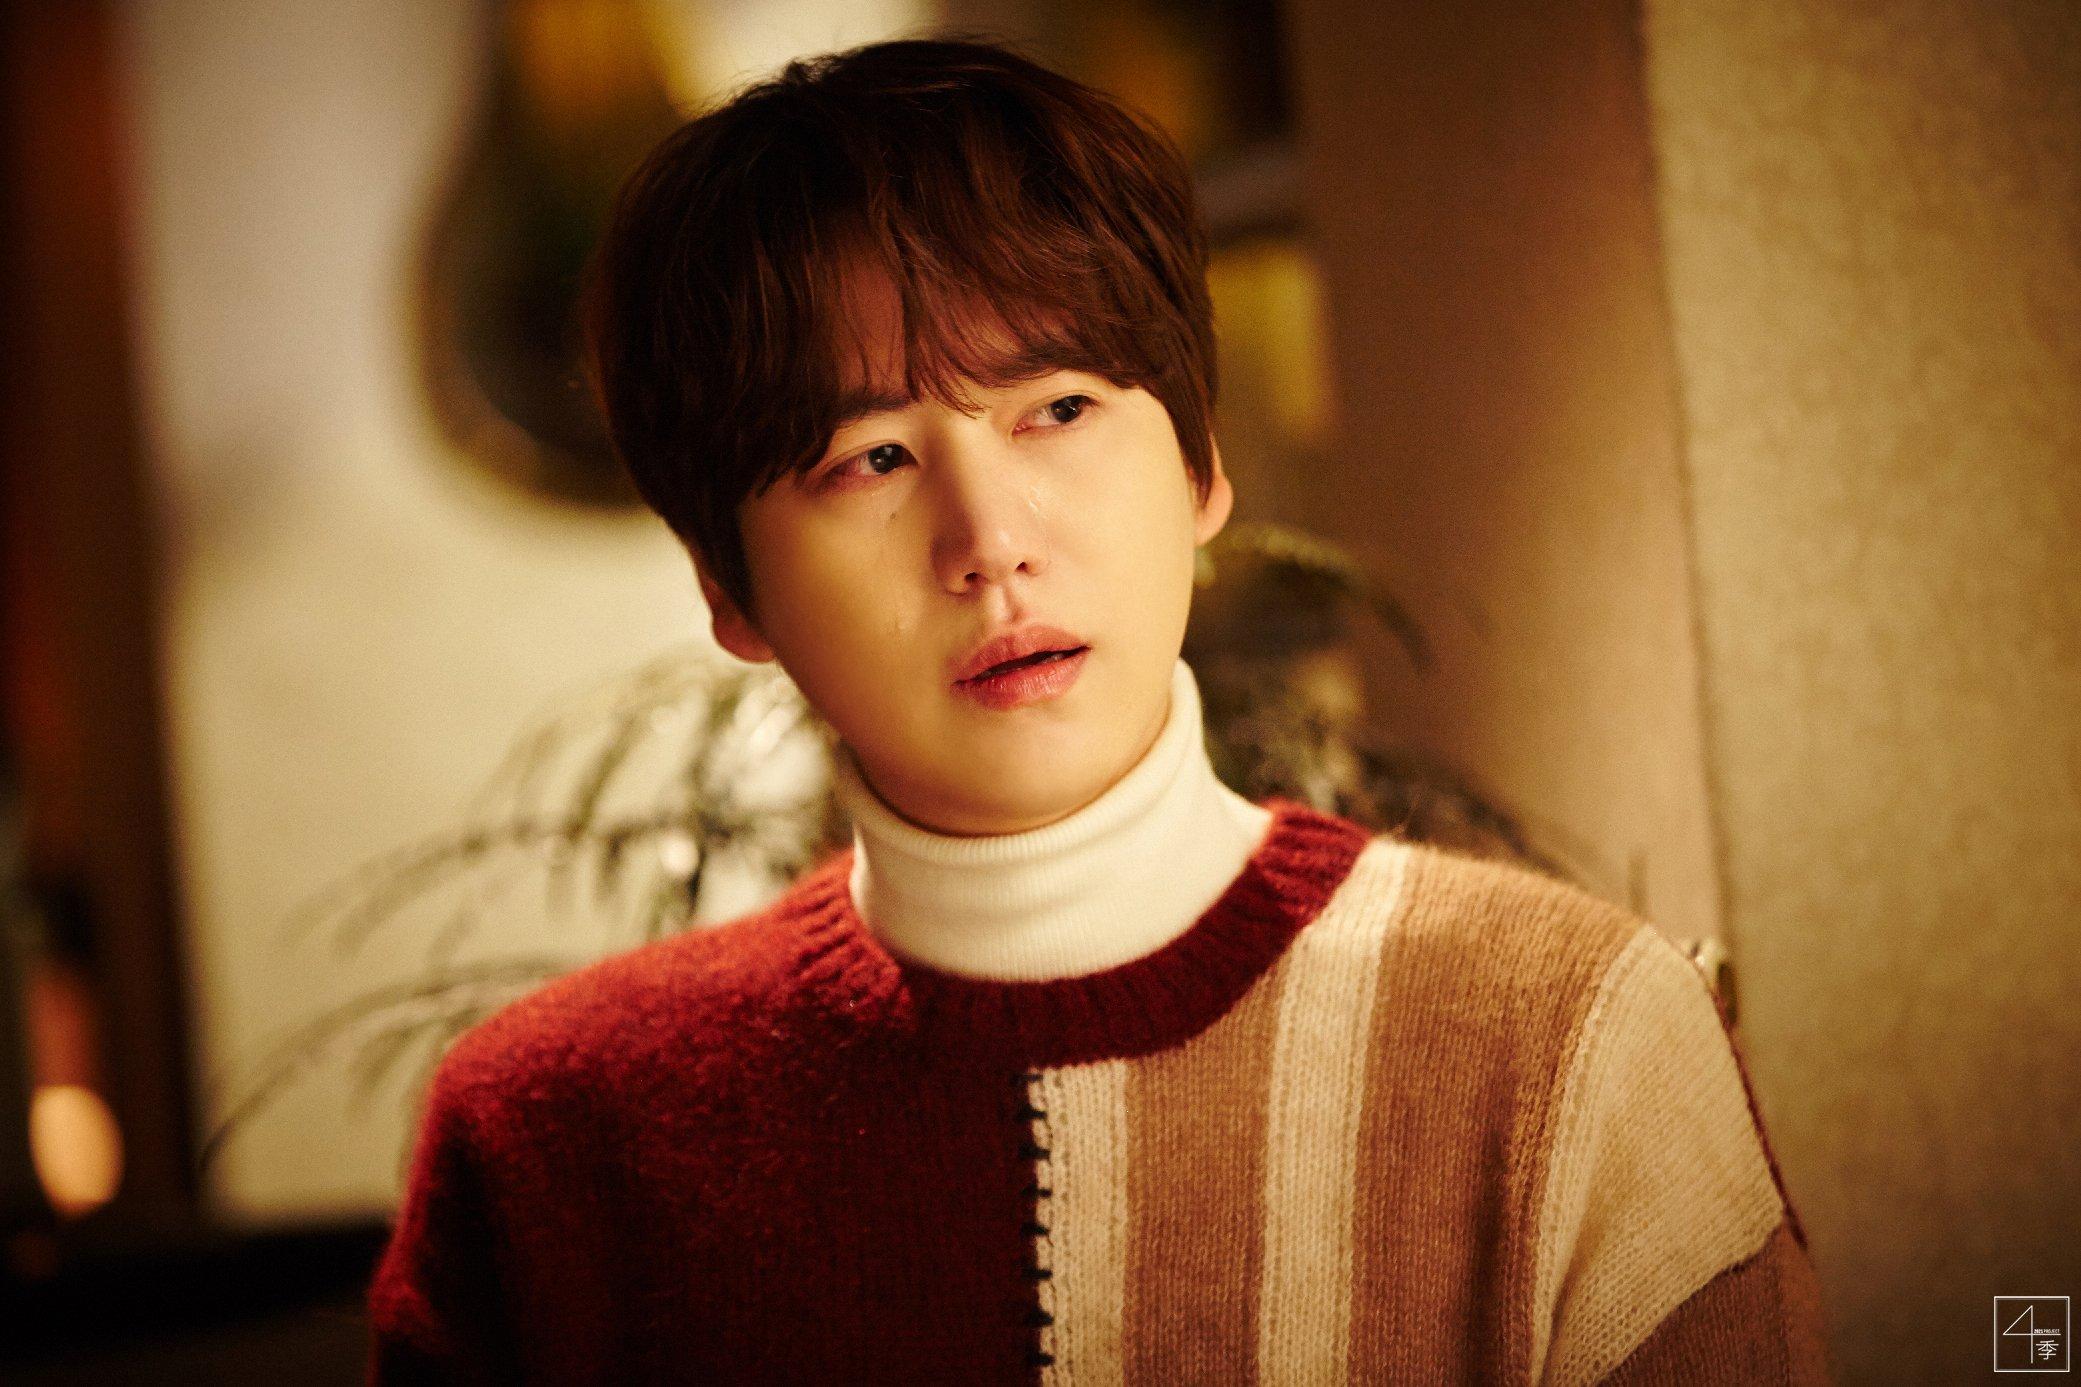 ประวัติ คยูฮยอน (KYUHYUN) นักร้องหนุ่มเสียงเพราะ หนึ่งในสมาชิกวง Super  Junior (มีคลิป)